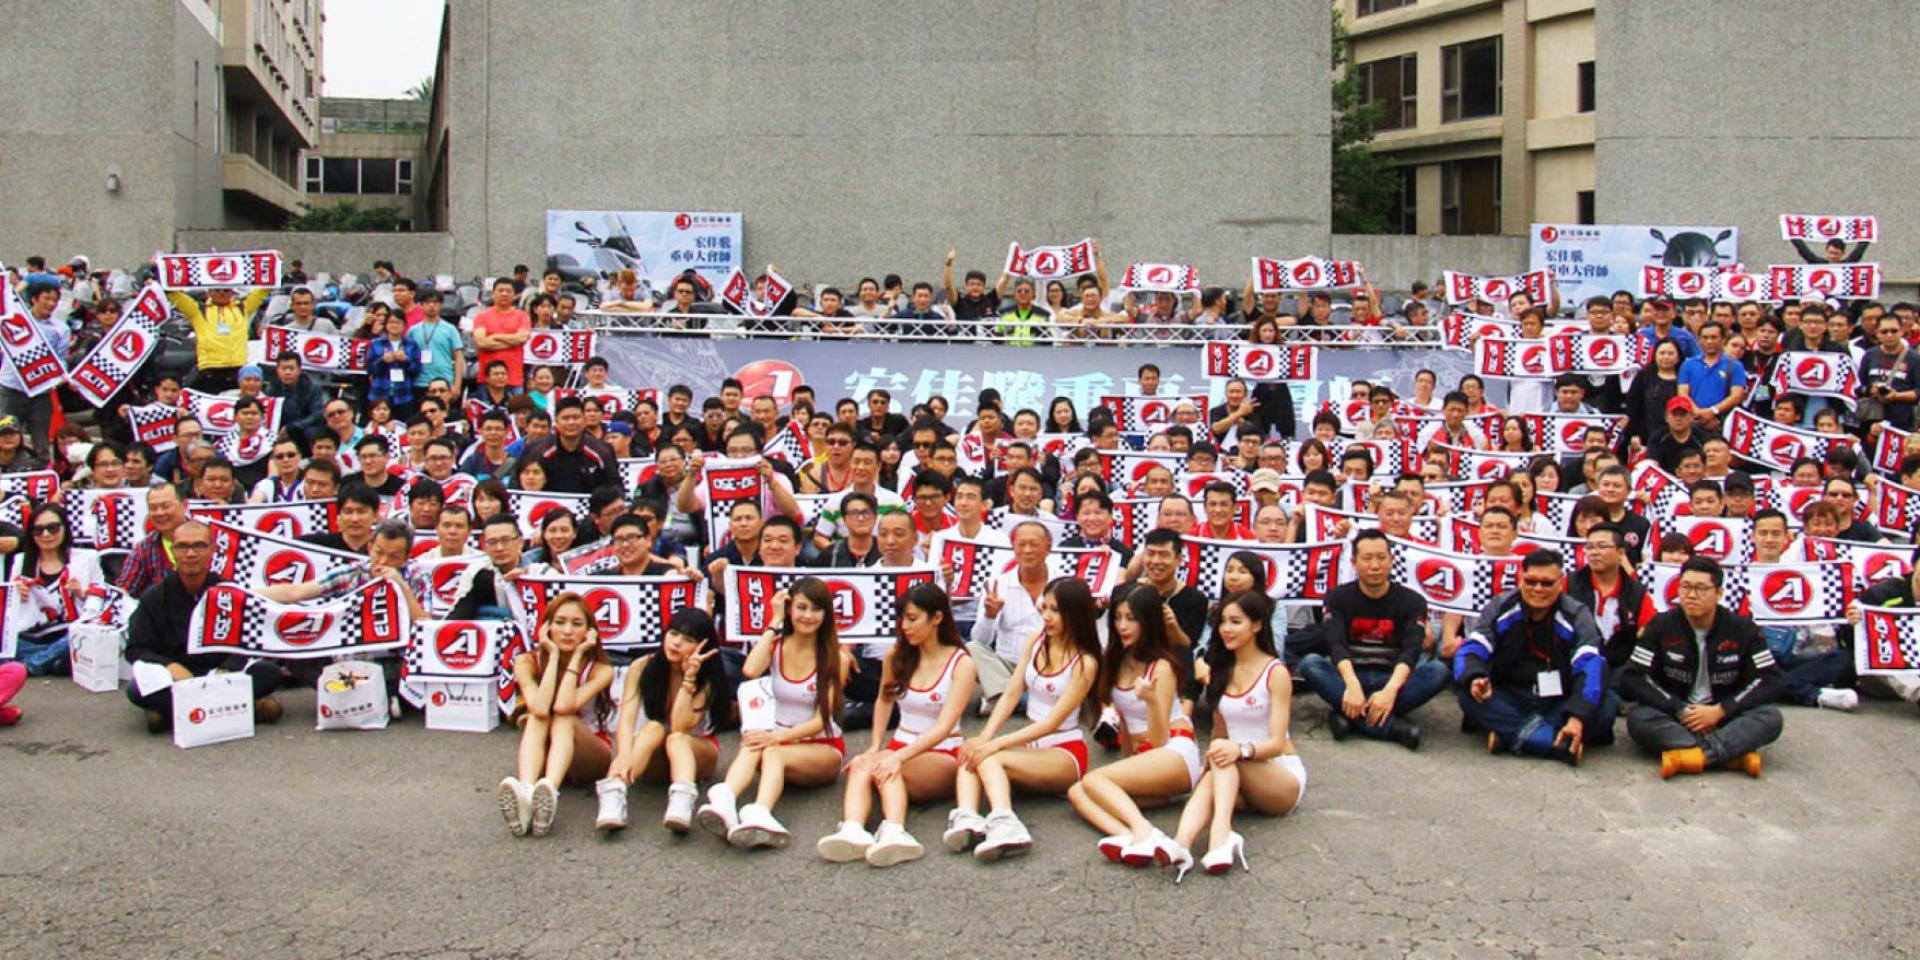 官方新聞稿。宏佳騰重車會師新竹 歡慶3D-350獲台灣精品獎肯定